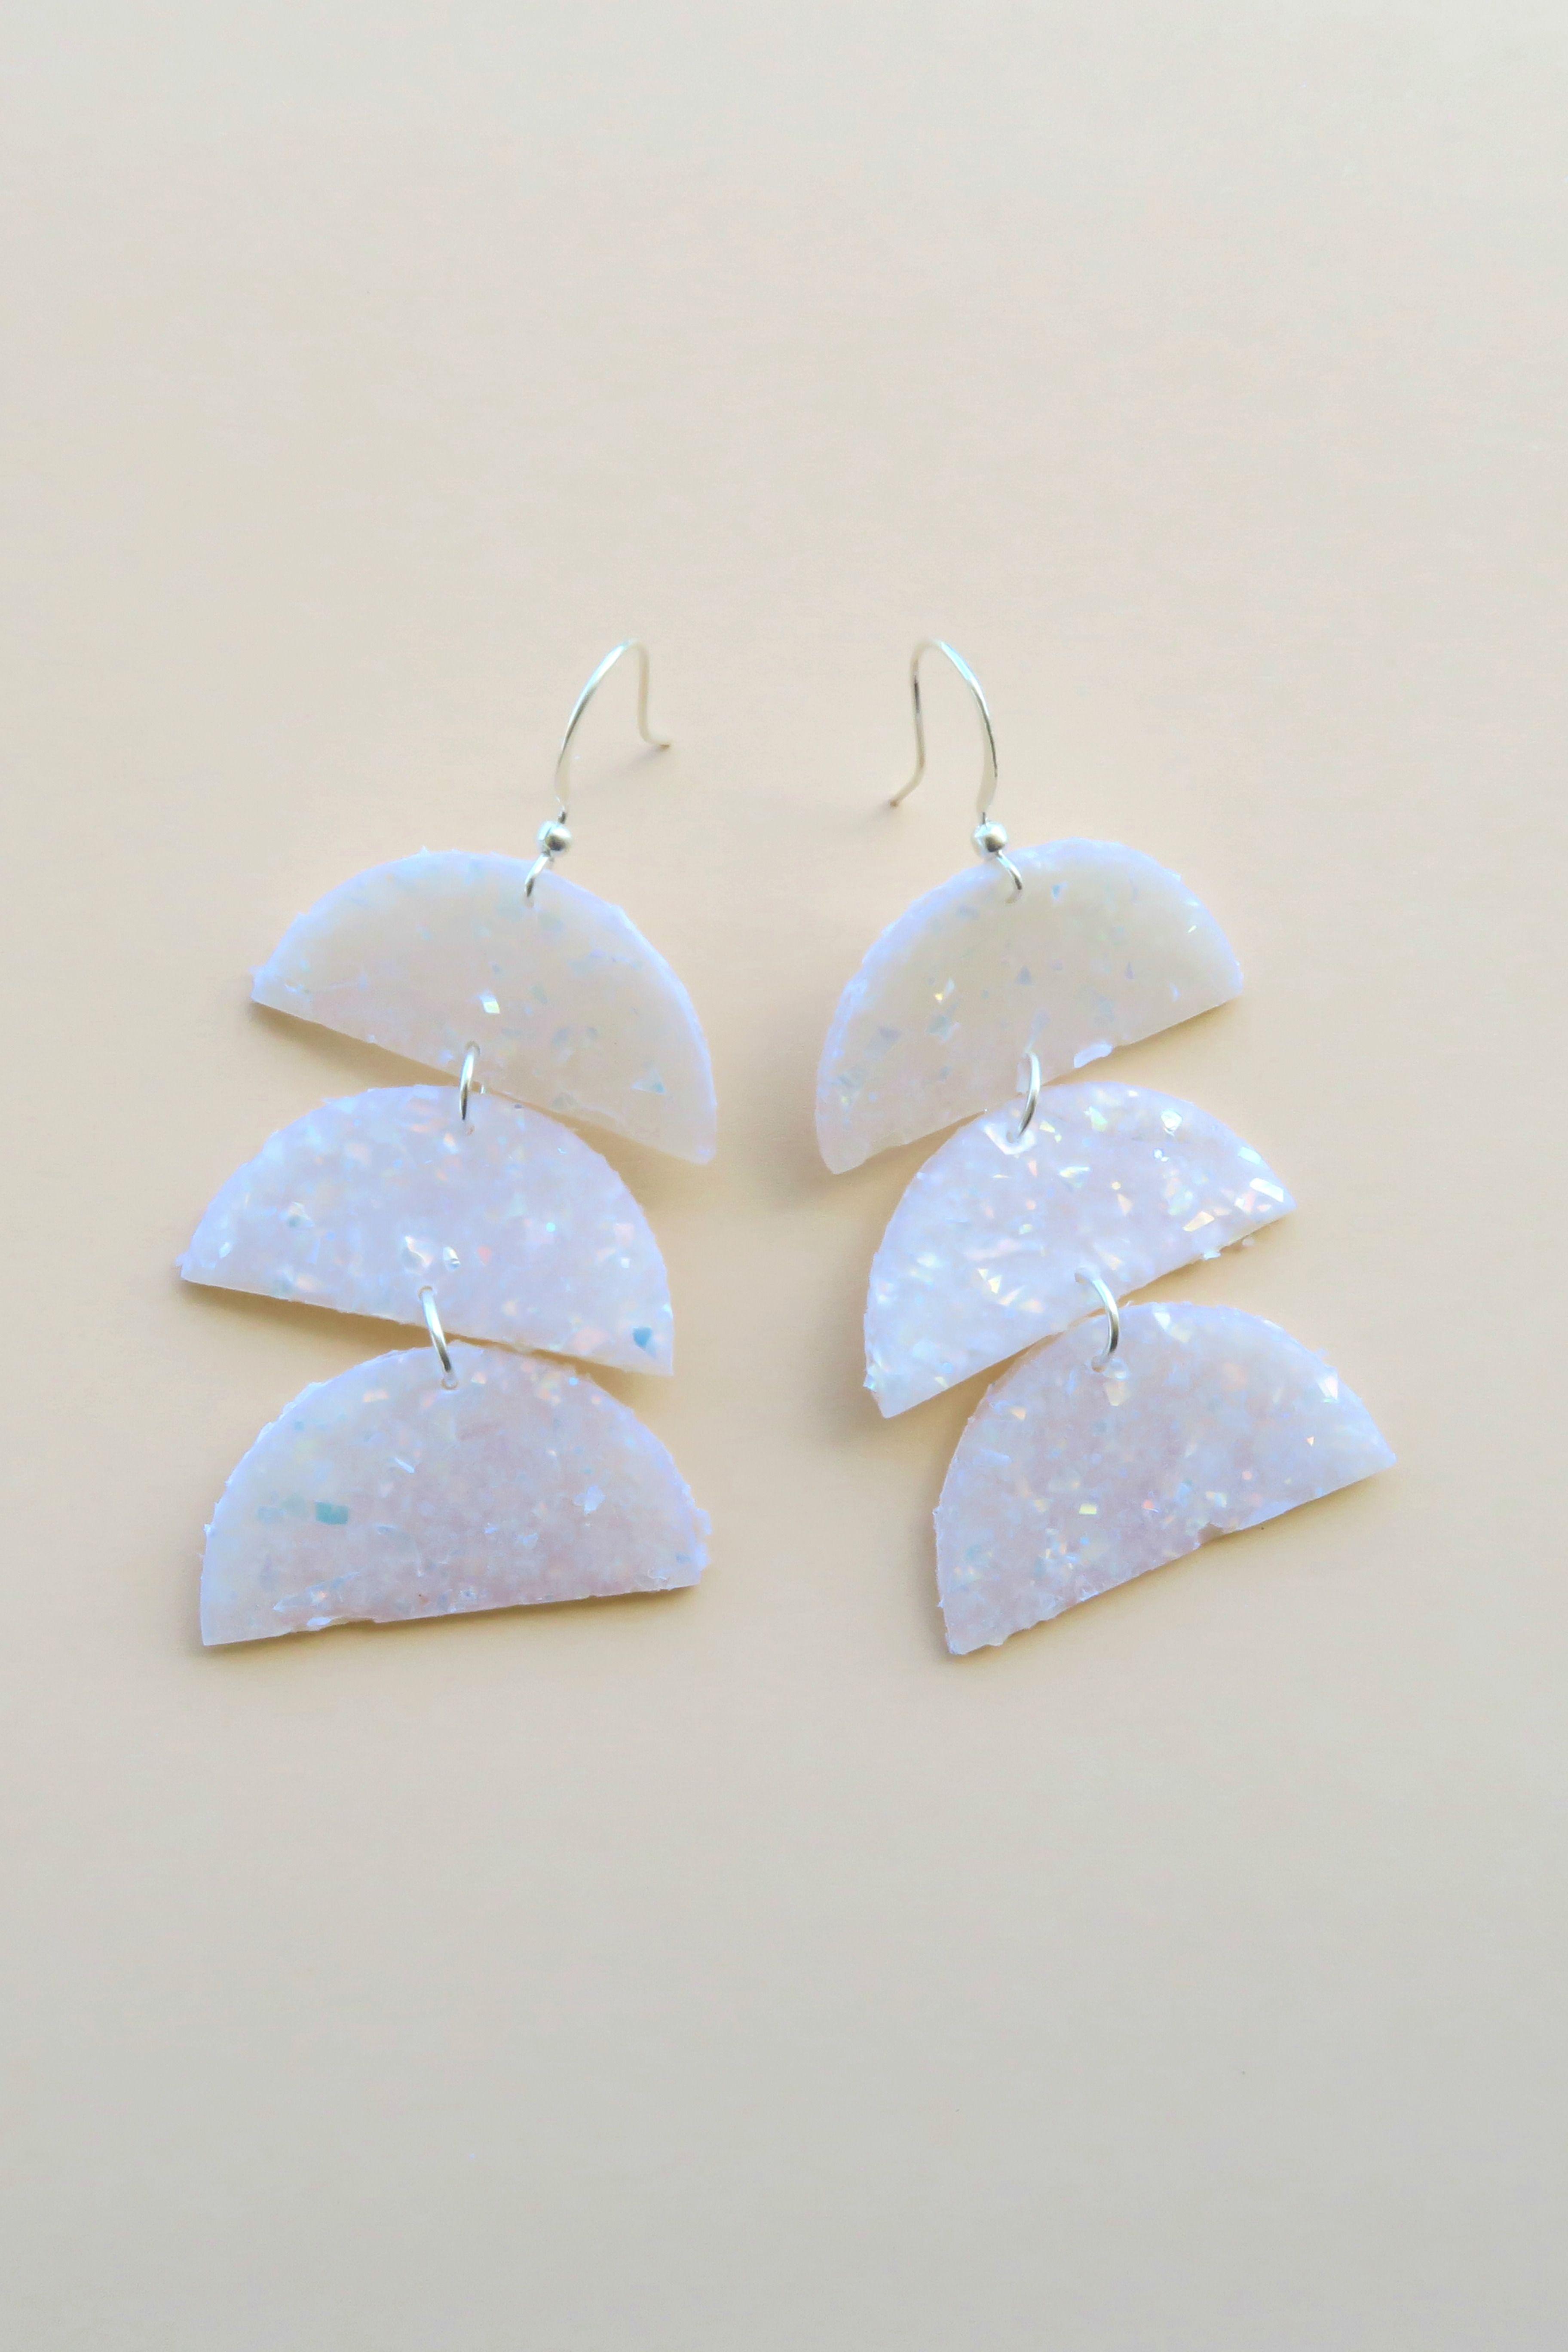 Large Hoop Earrings Sparkly Clay Earrings Shimmery Silver Layered Hoop Earrings Large Clay Statement Earrings Clay Hoop Earrings Modern